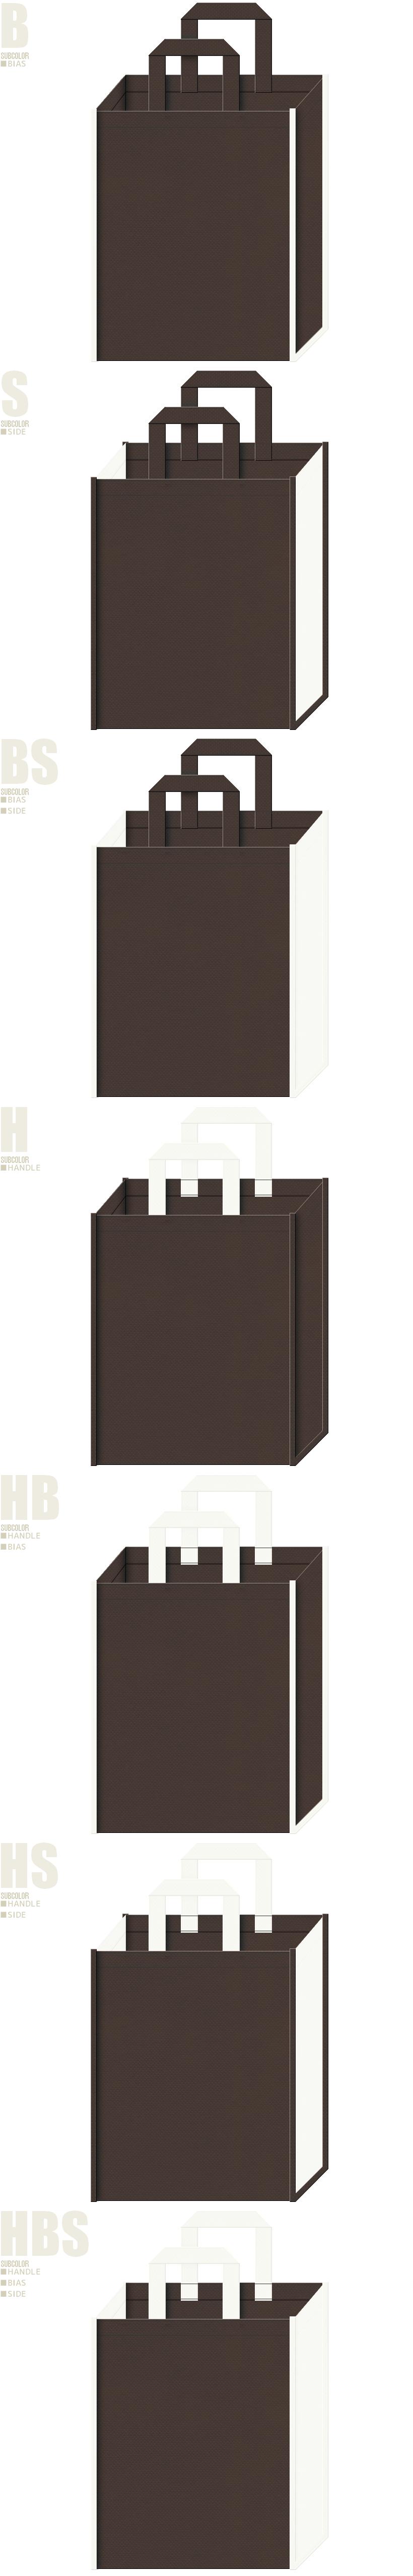 カフェ・エステ・アロマ・美容院・ネイルサロン・店舗インテリアの展示会用バッグにお奨めの不織布バッグデザイン:こげ茶色とオフホワイト色の不織布バッグ配色7パターン。